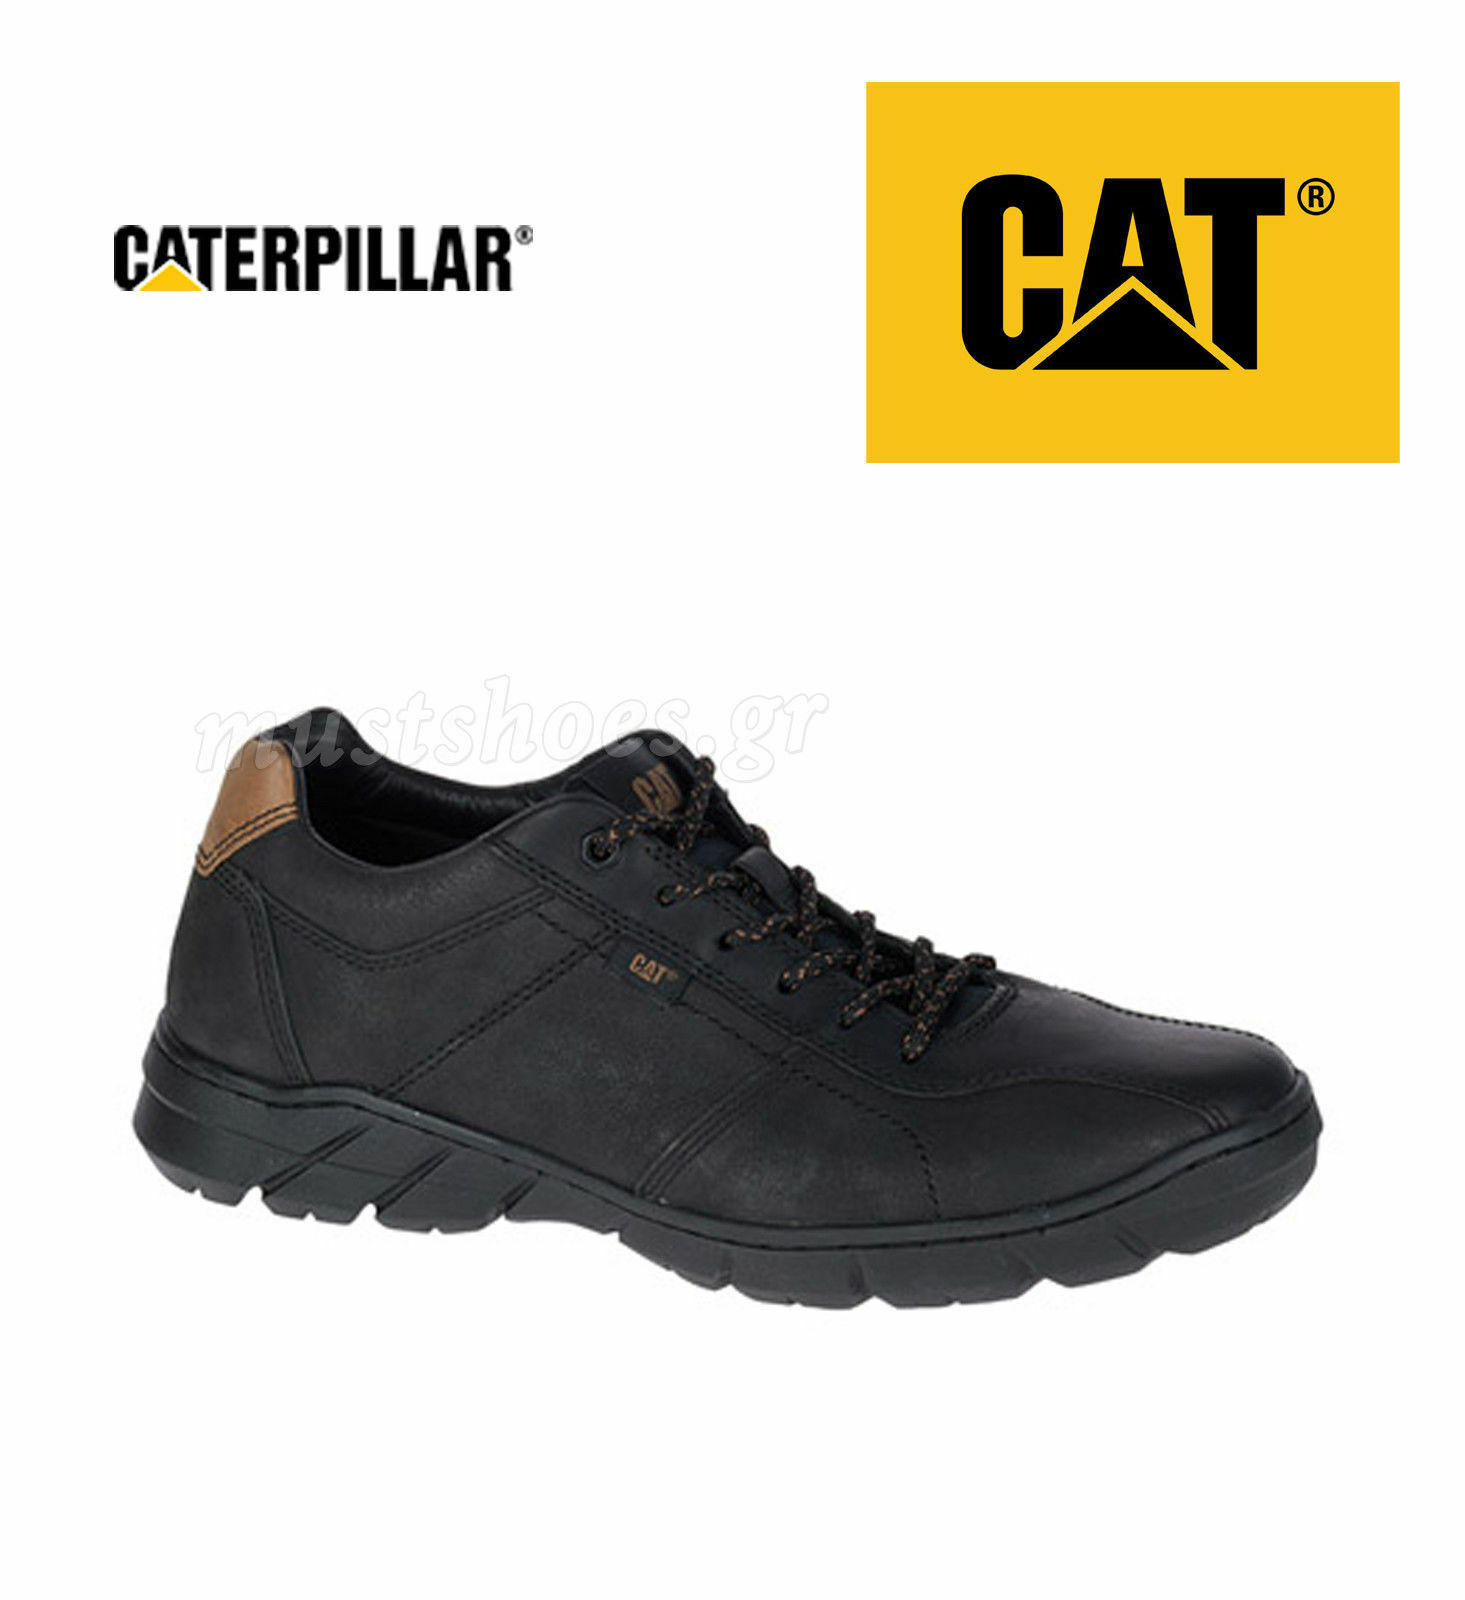 CATERPILLAR CATERPILLAR CATERPILLAR CAT 722428 DEPICT schwarz EU 40, 41, 42, 43, 44, 45, 46 dc3a21